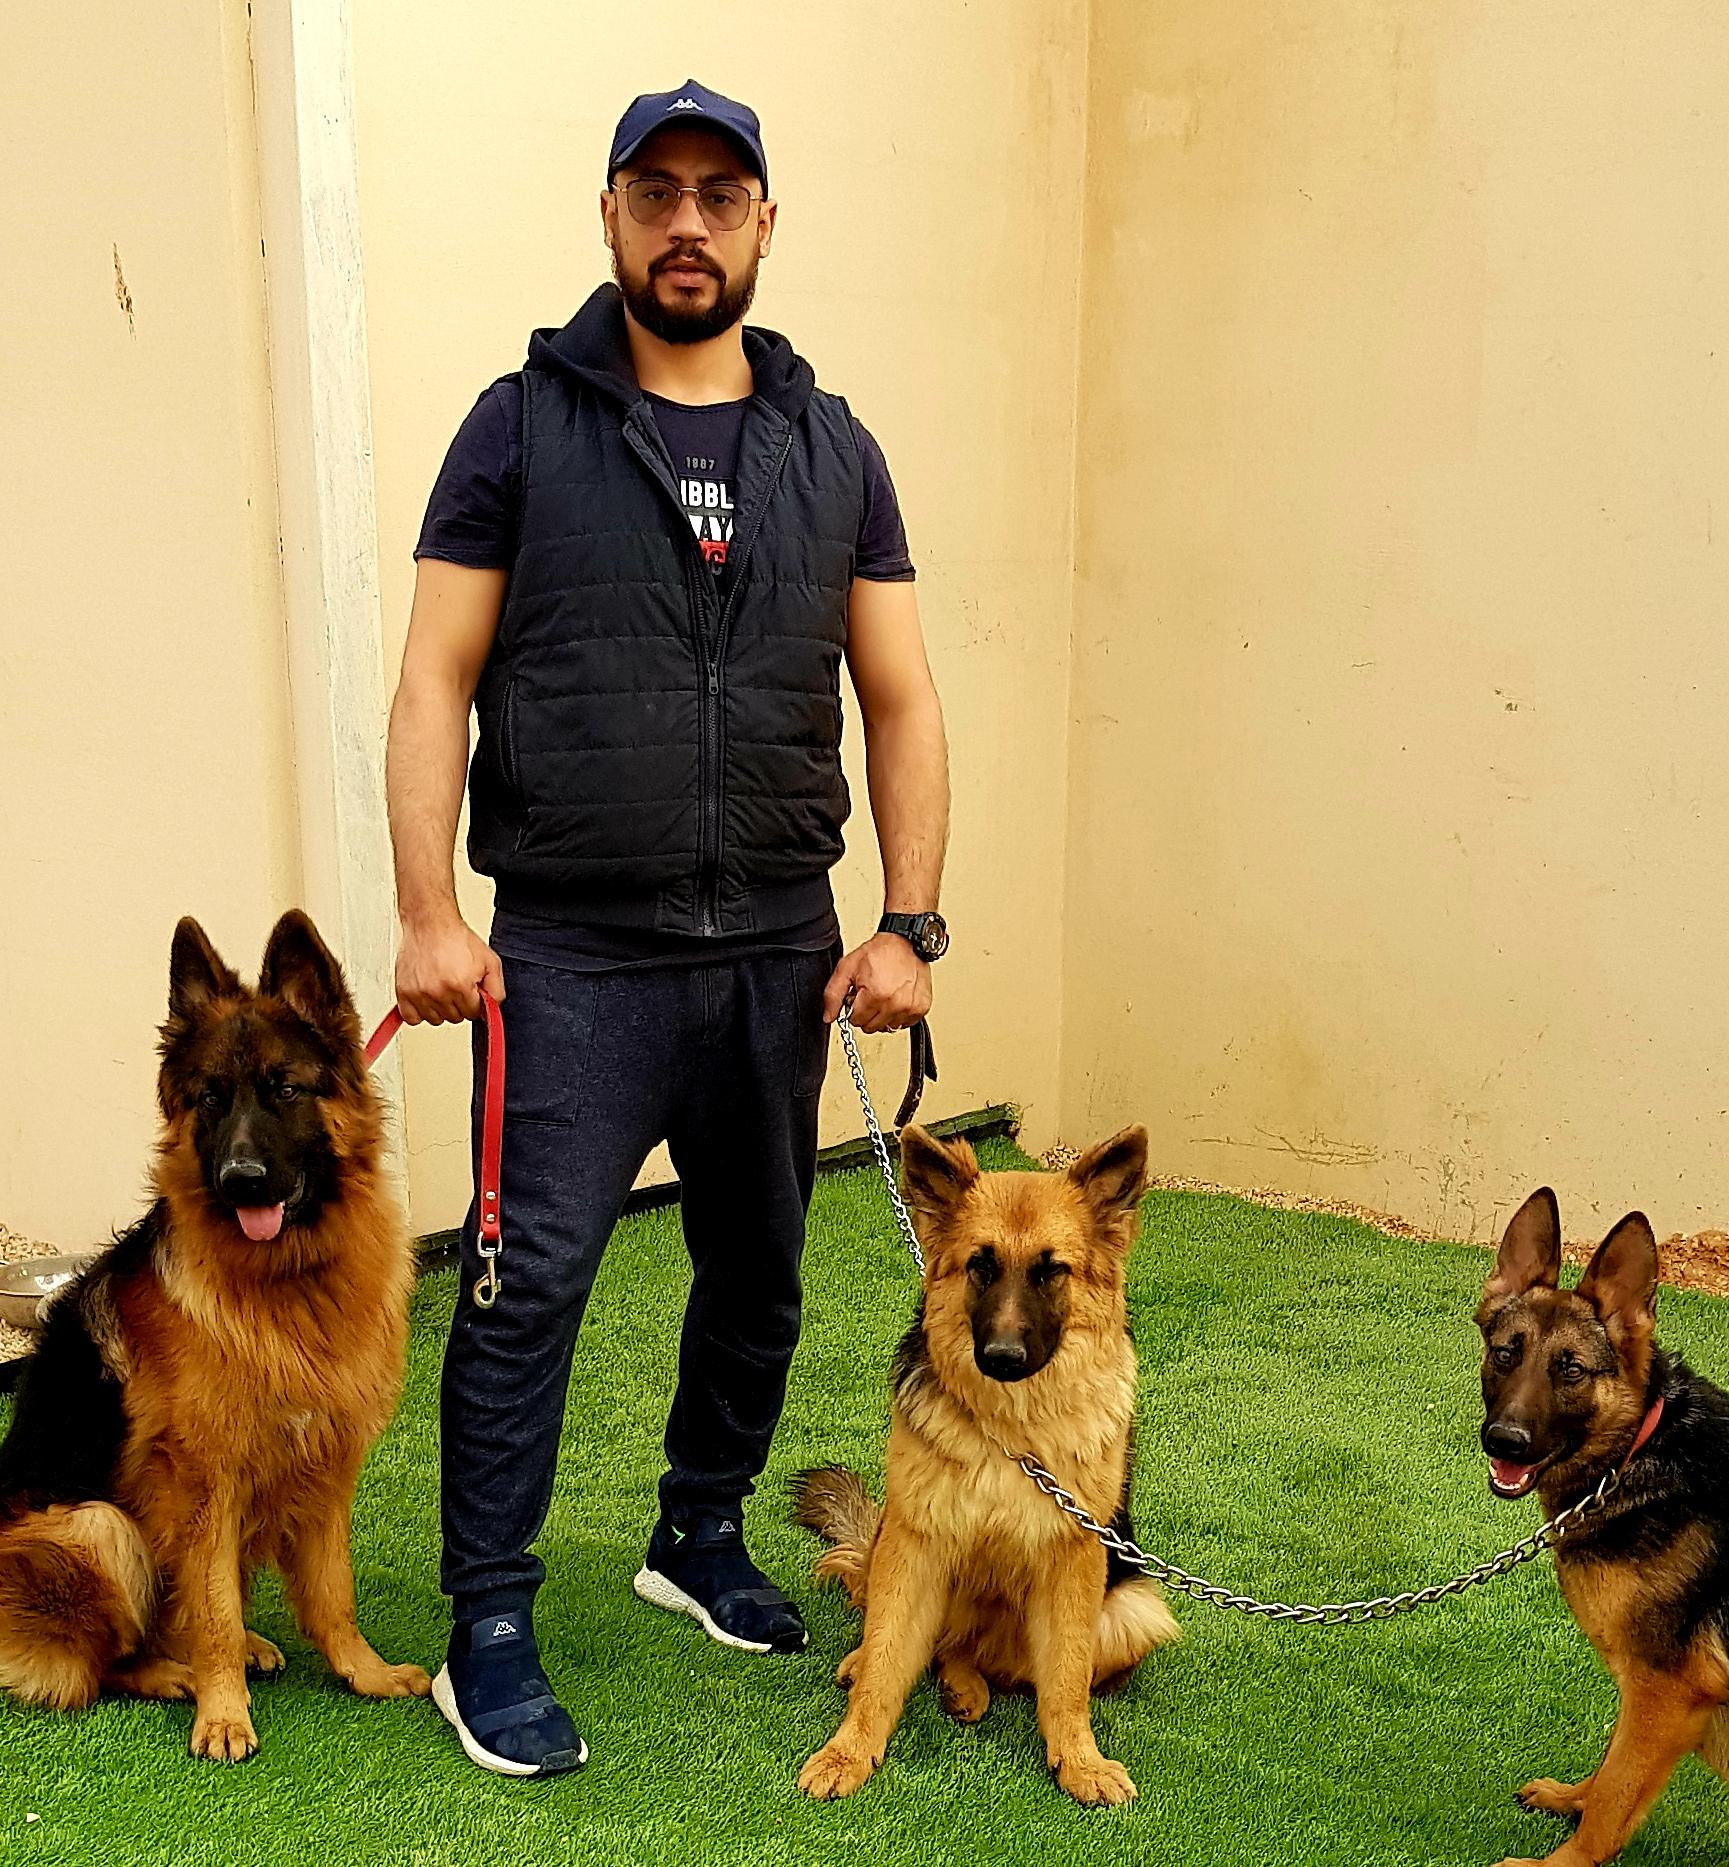 مدرب كلاب محترف بالرياض